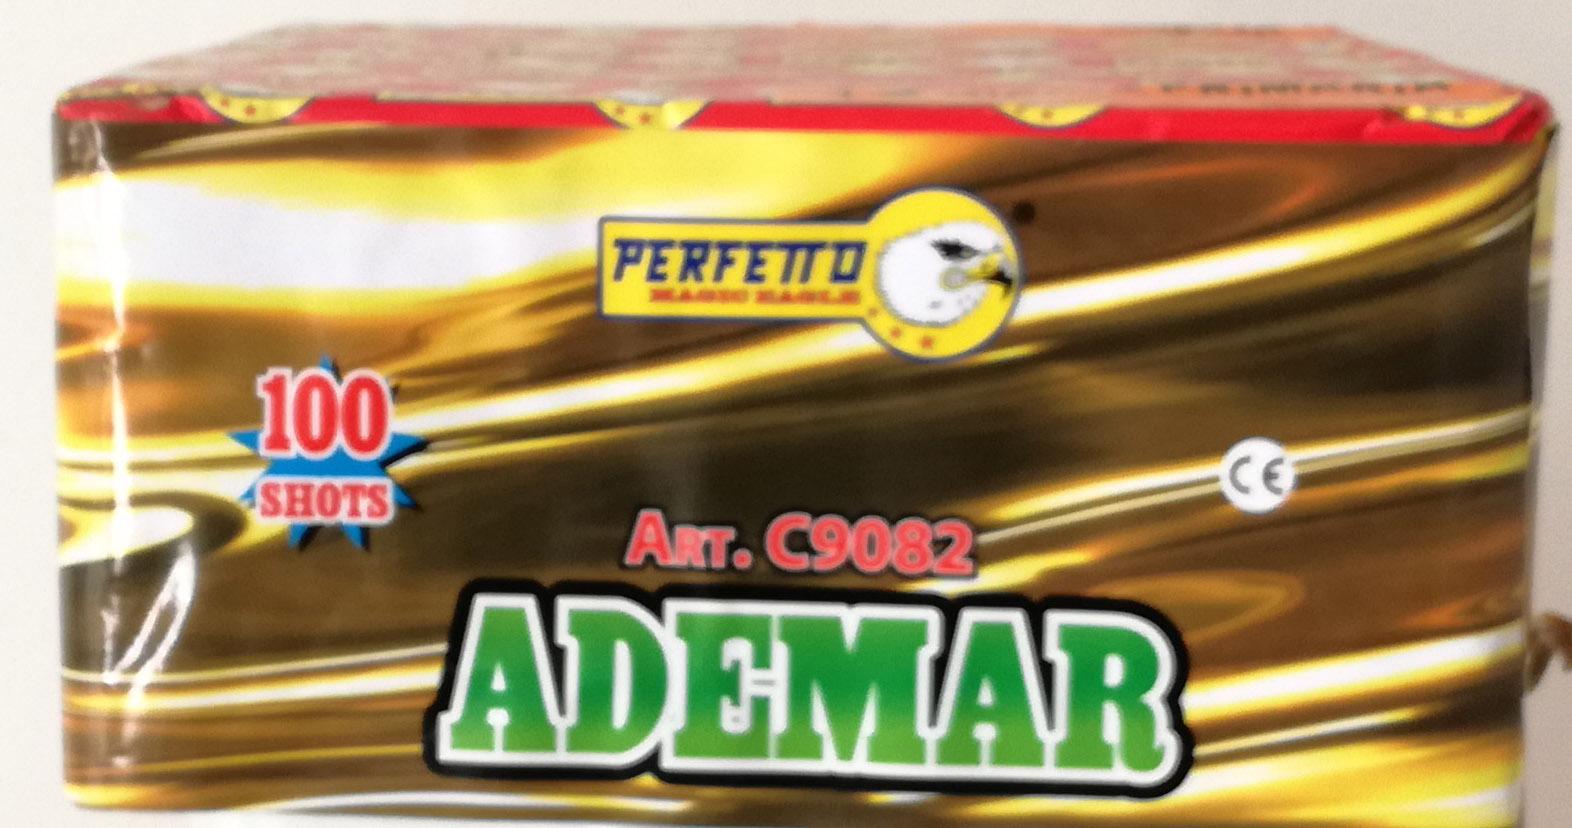 ADEMAR Image